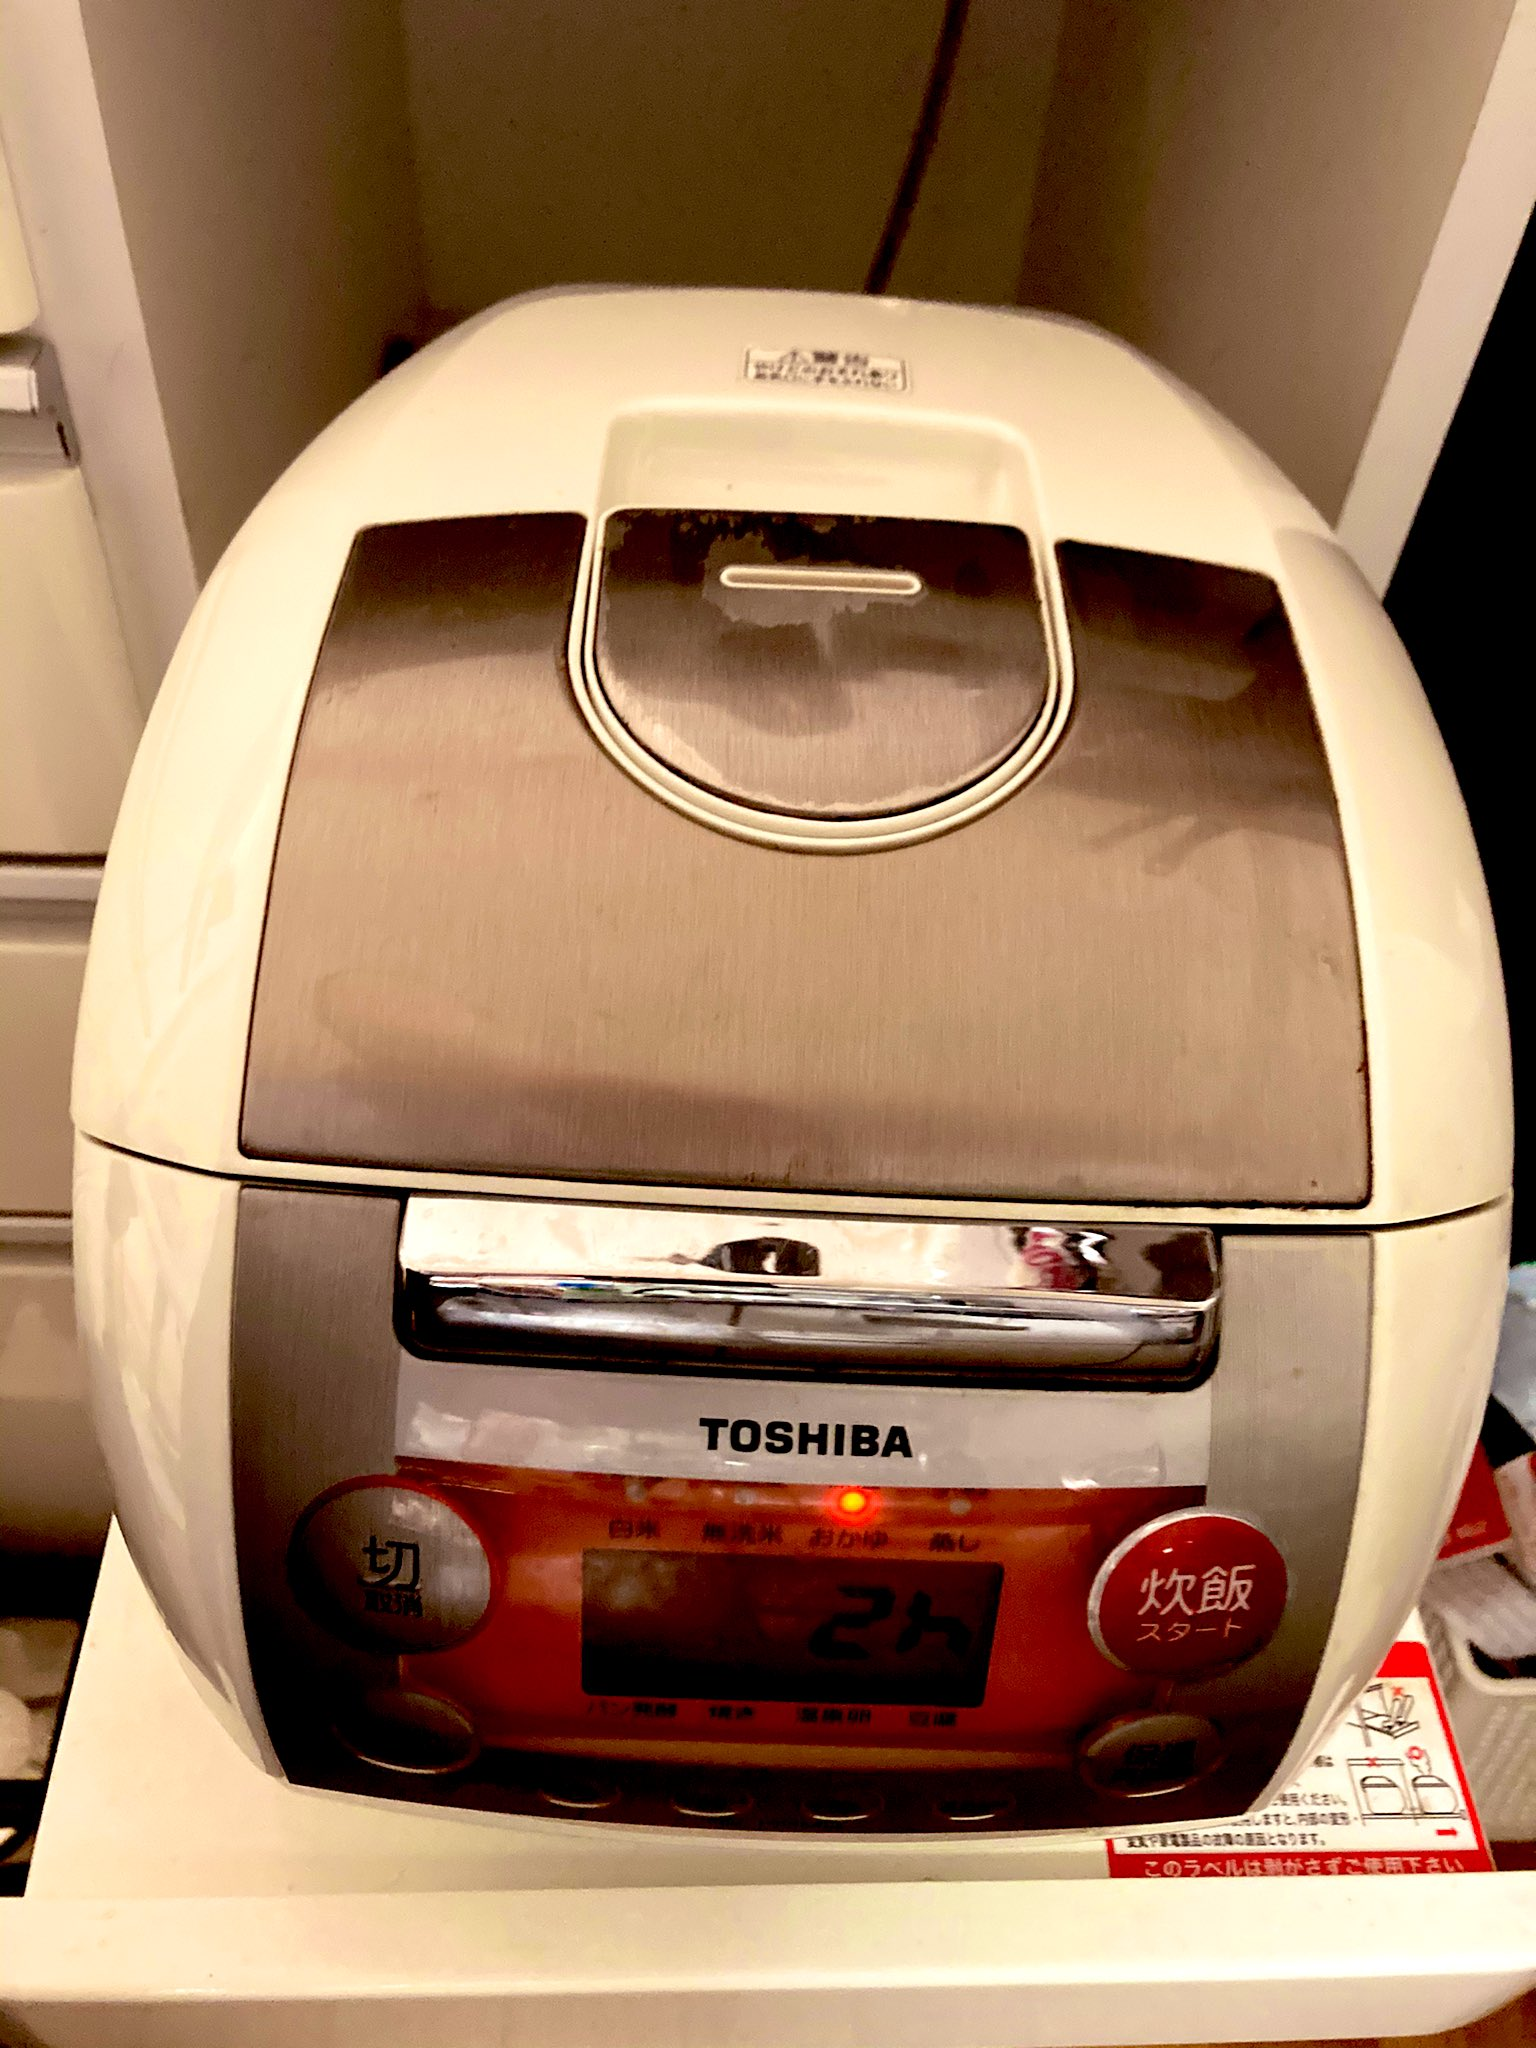 5合炊きの炊飯器で炊飯ボタンを押す